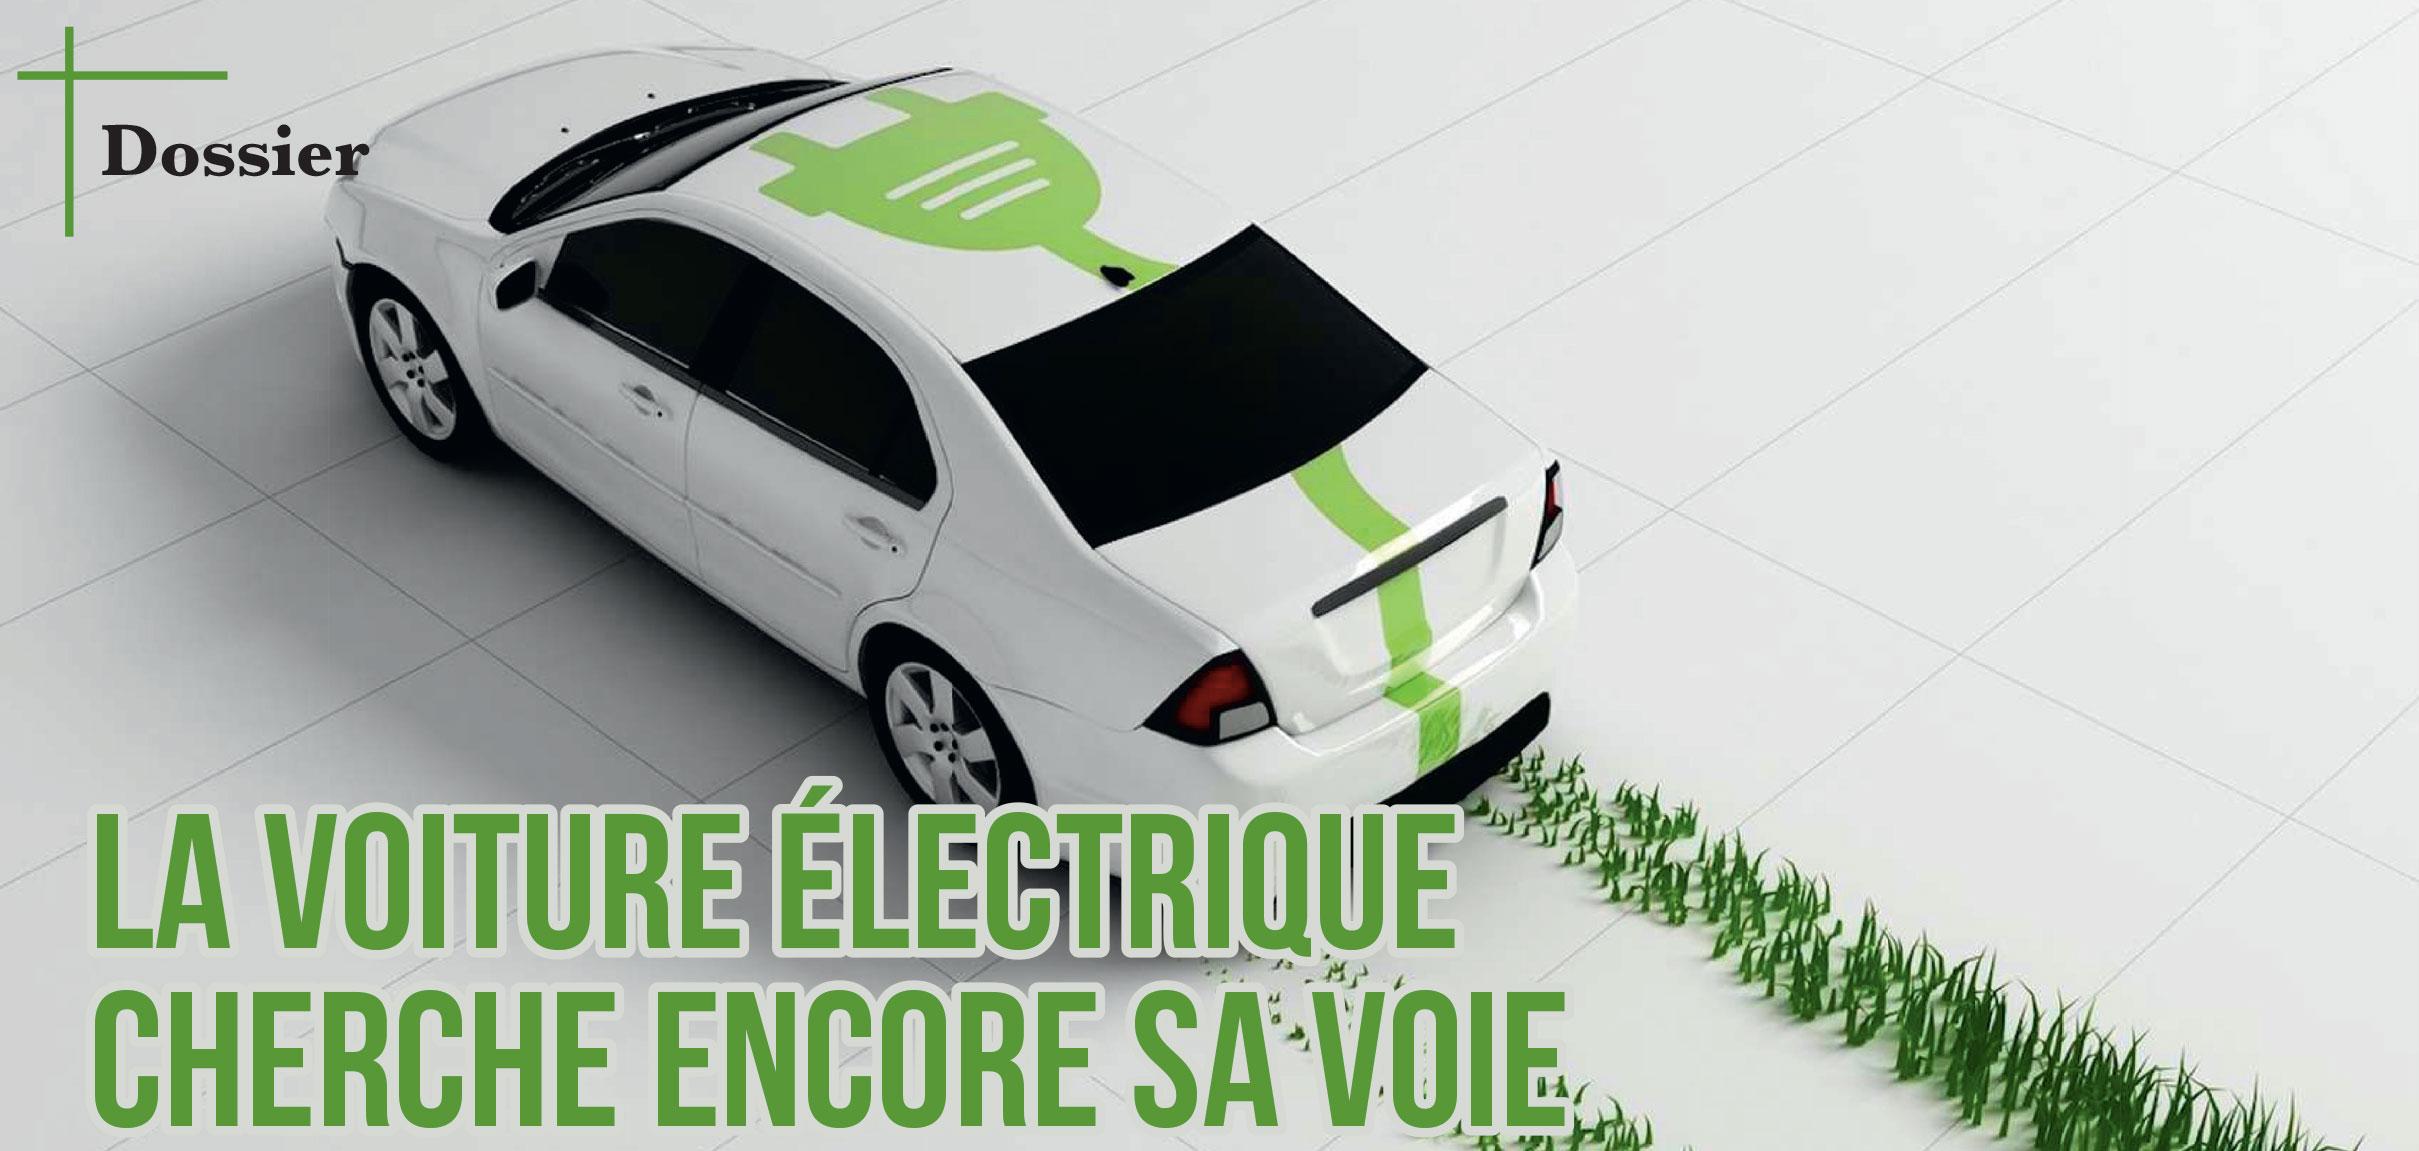 La voiture électrique cherche encore sa voie